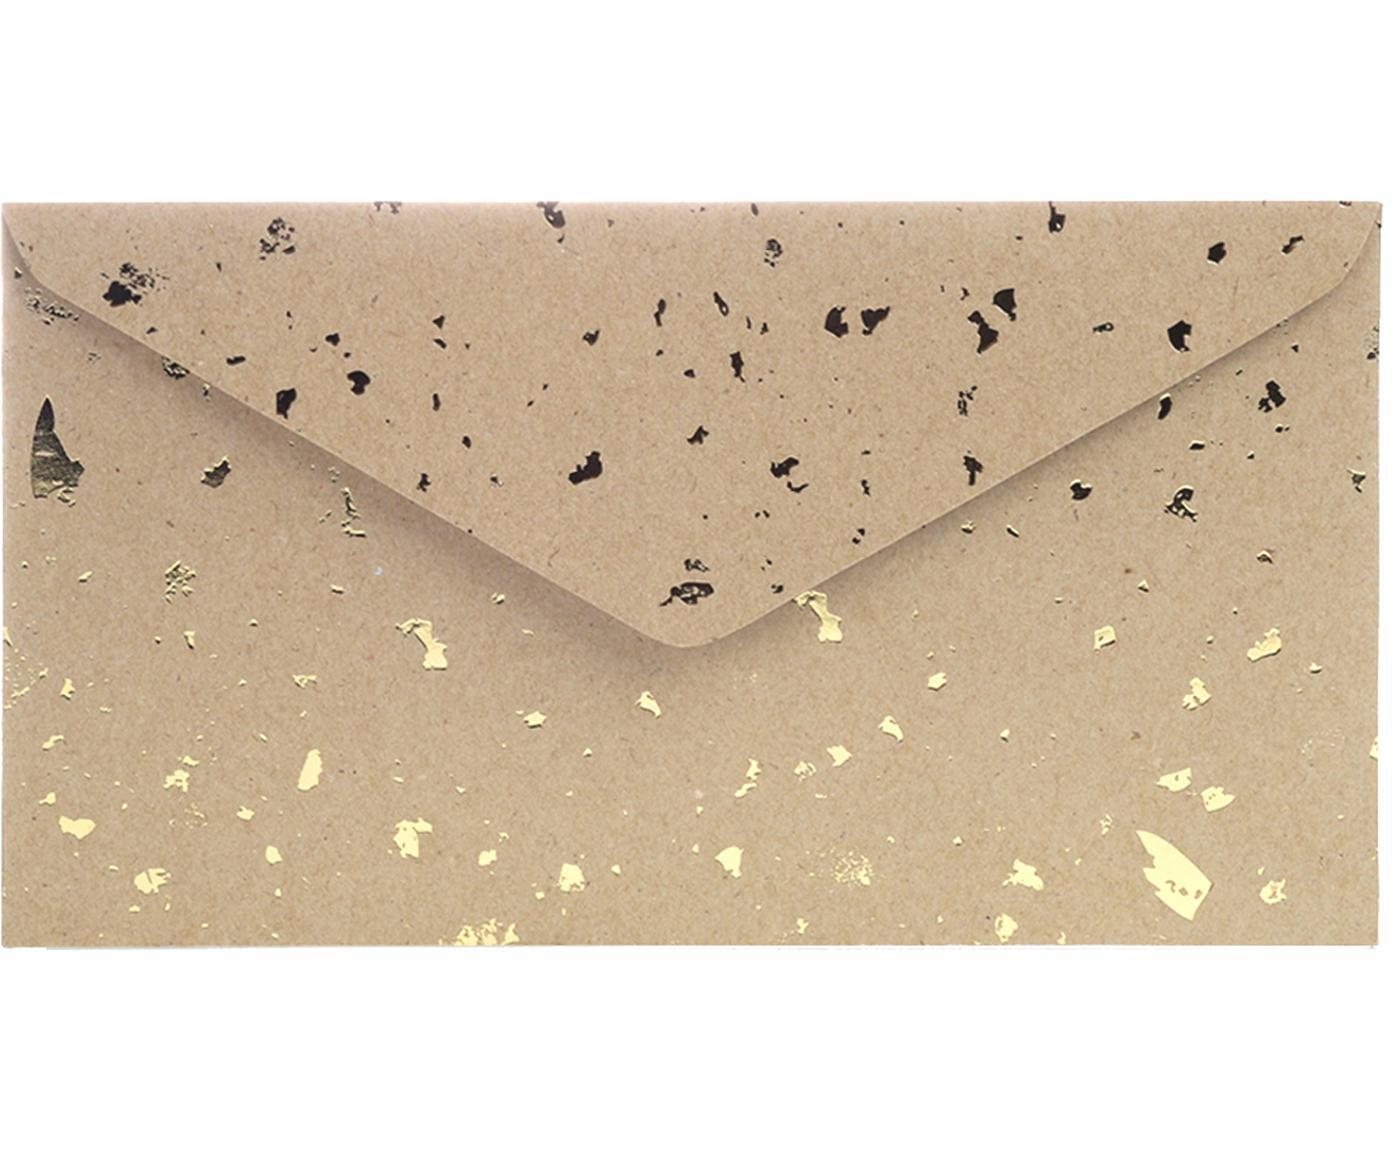 Umschläge Carat, 3 Stück, Kraftpapier, Braun, Goldfarben, 24 x 14 cm